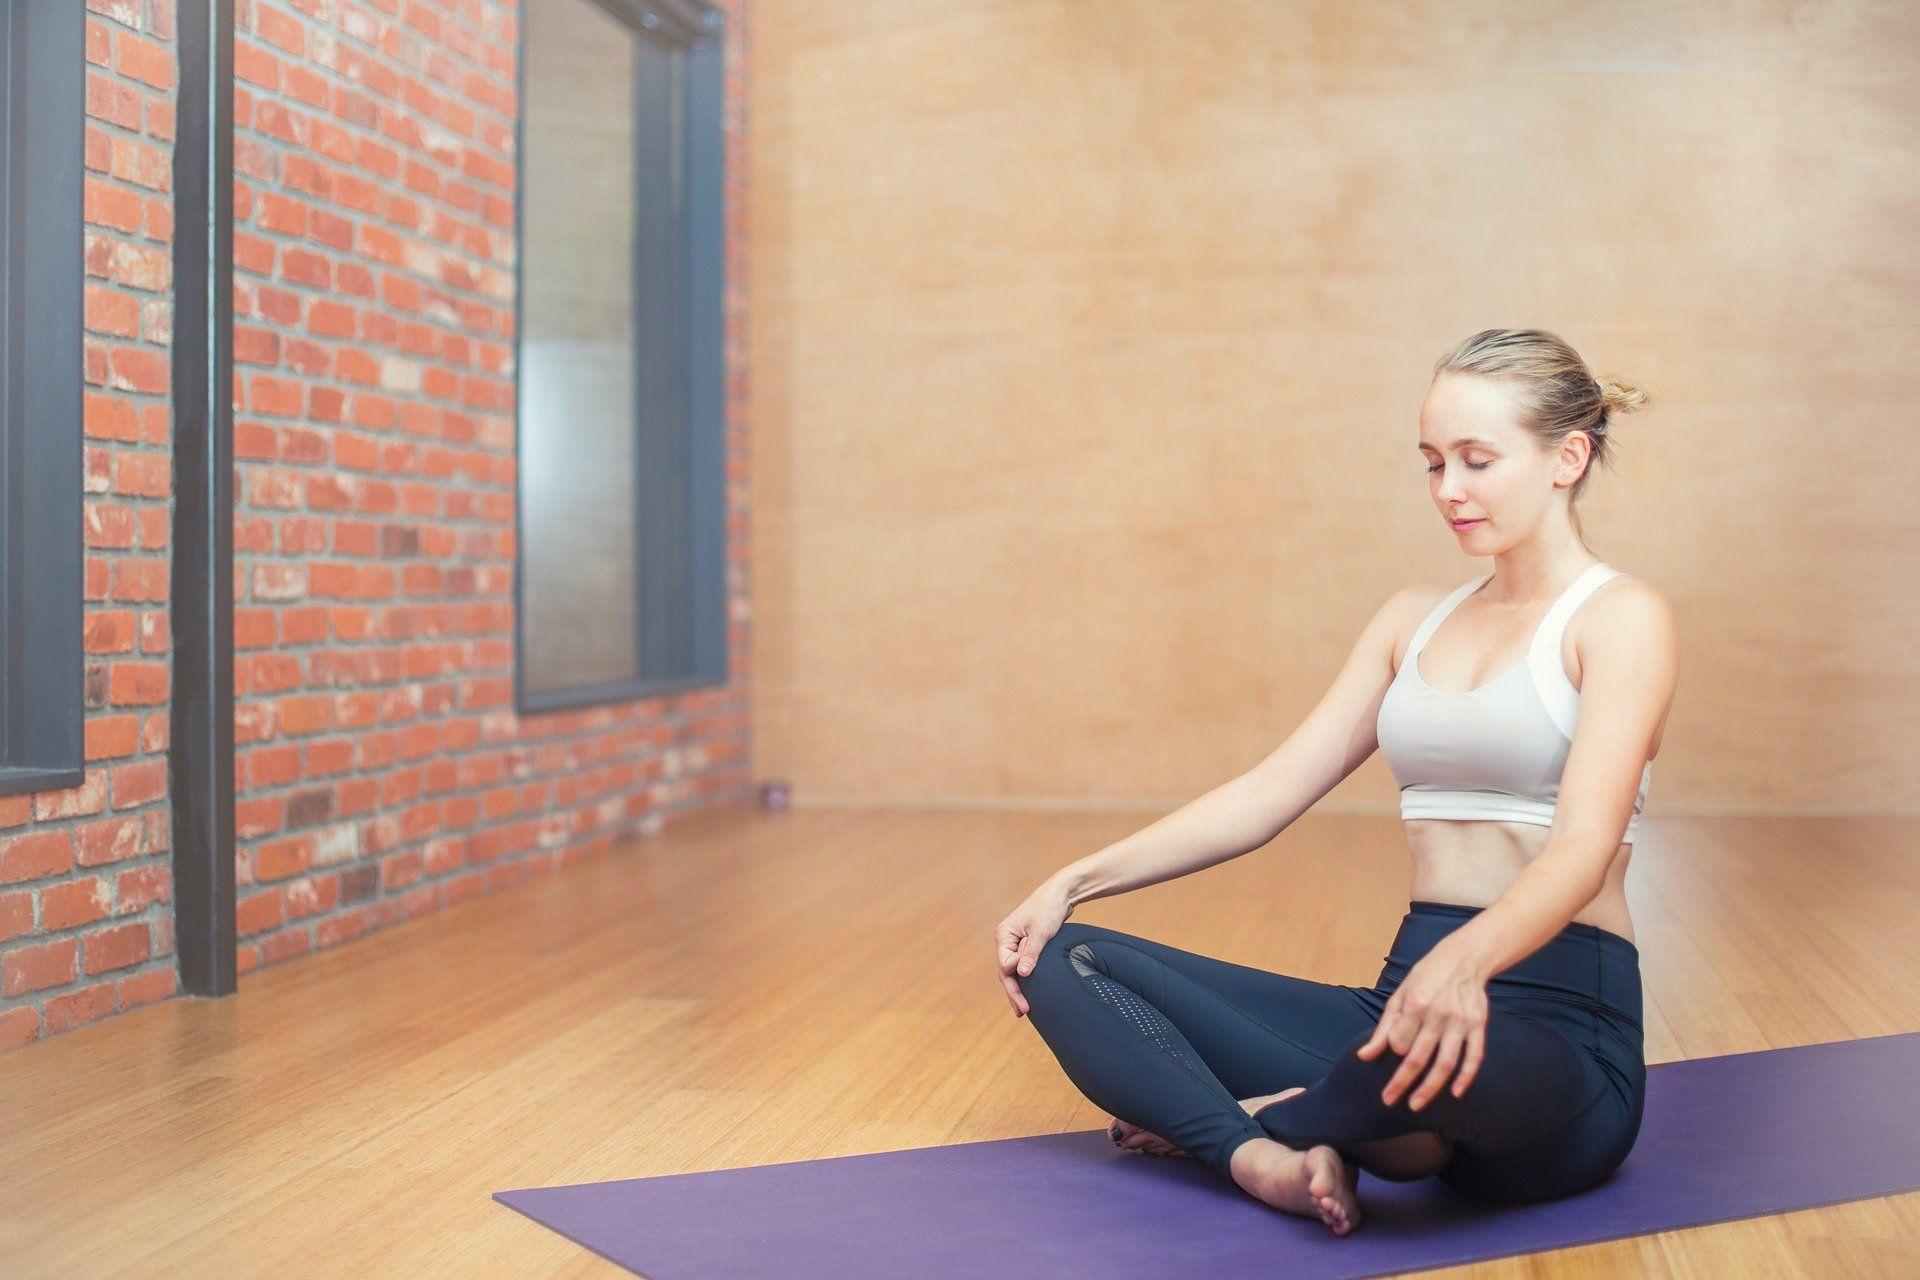 zdrav duh v zdravem telesu